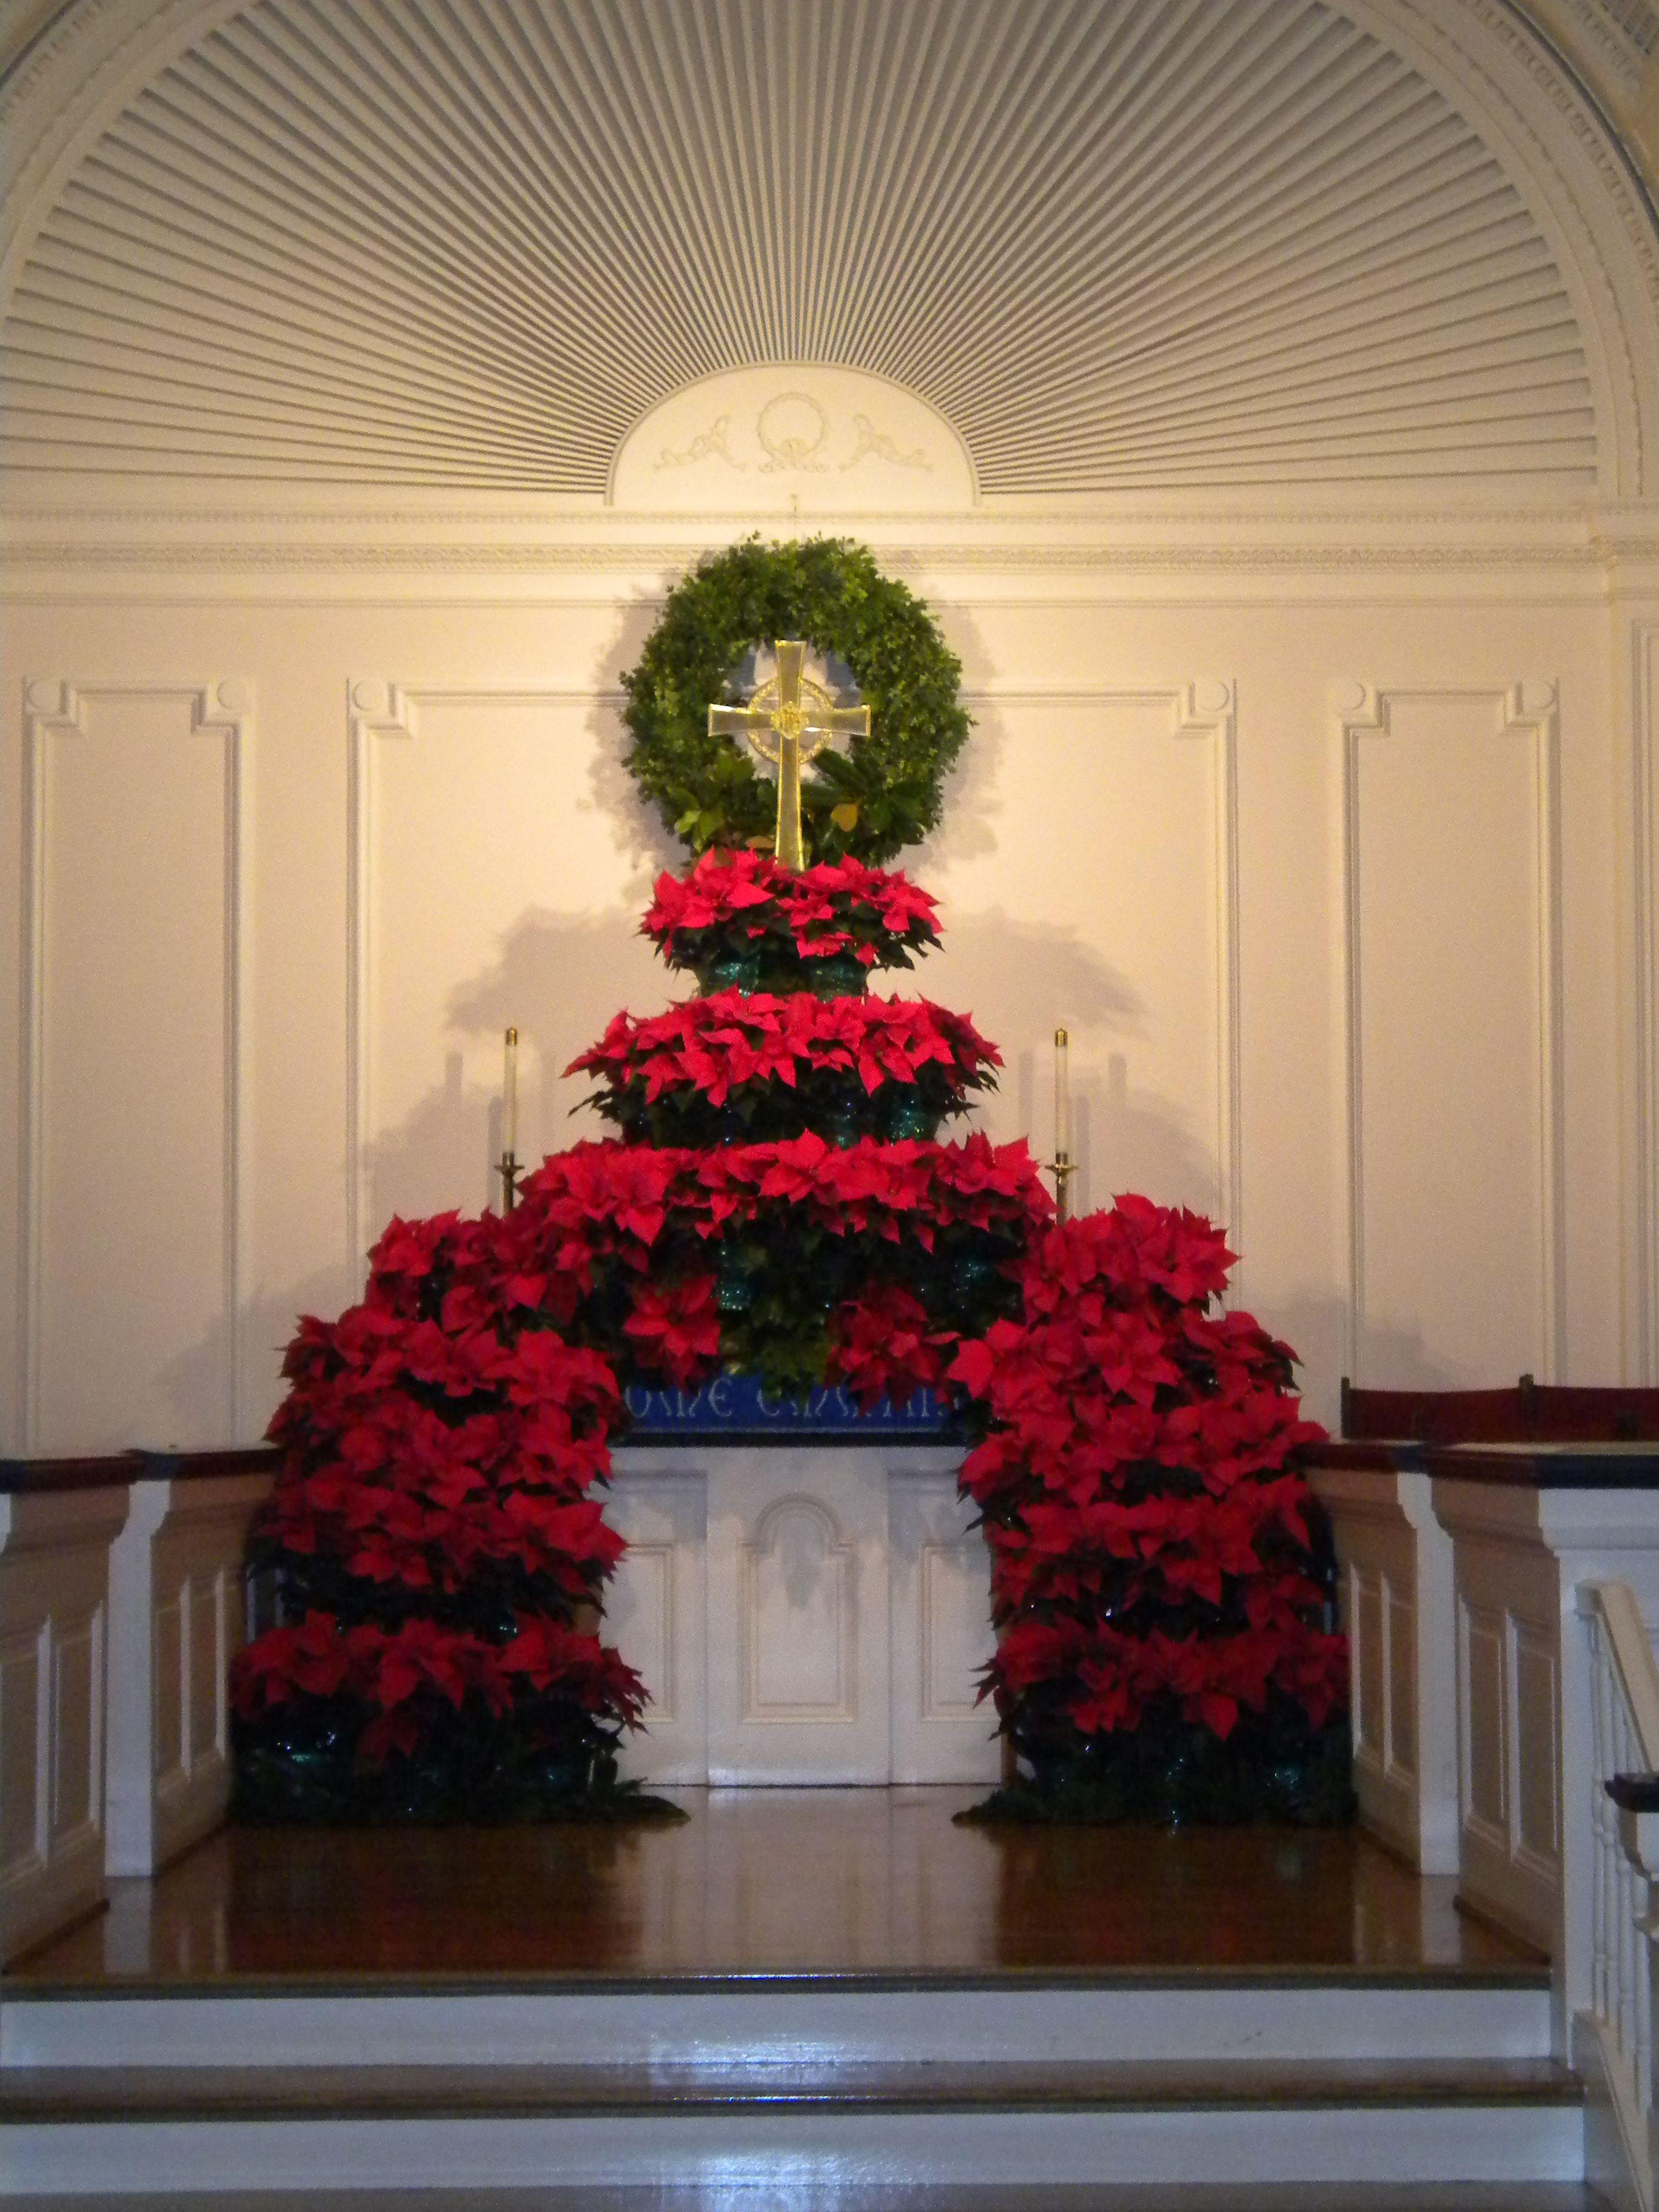 Christmas Flower Decorations For Church   Psoriasisguru.com